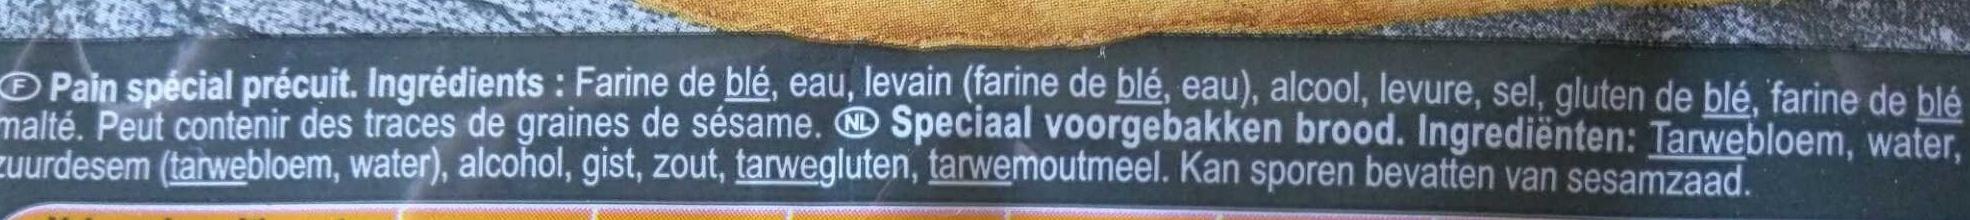 Baguette précuite - Ingrédients - fr